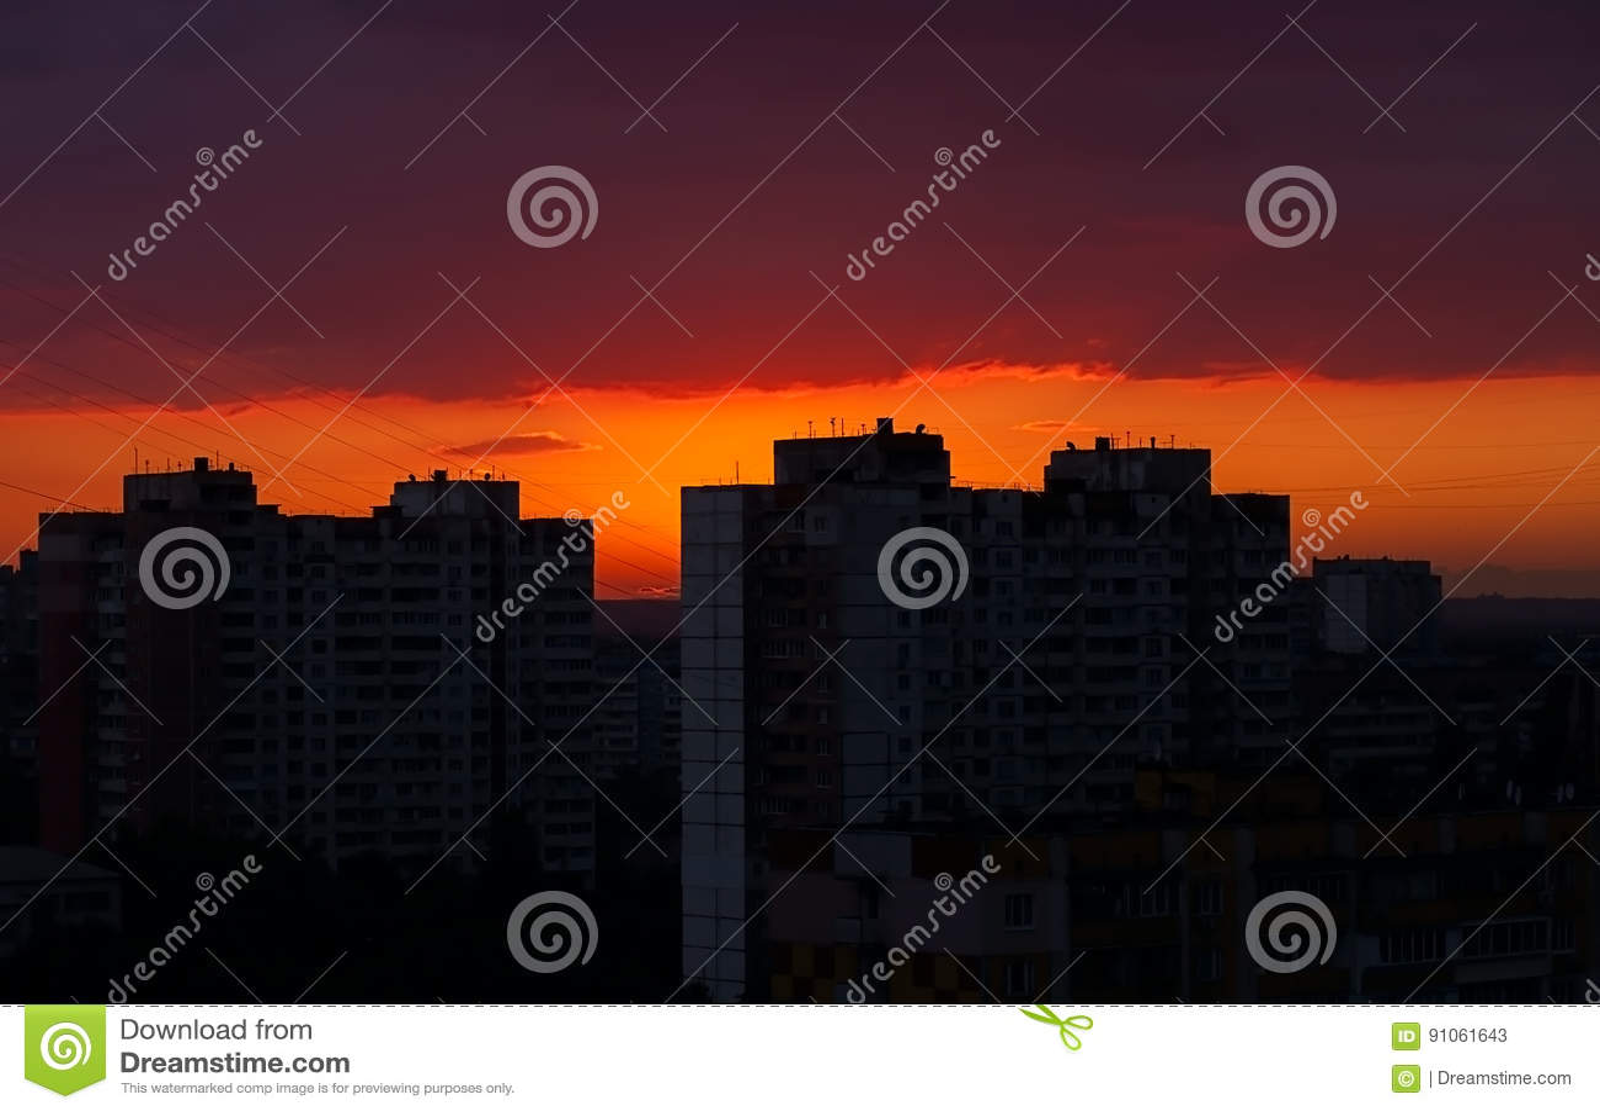 Cielo Rosso Di Notte.Cielo Notturno Con Il Tramonto Rosso Nella Citta Immagine Stock